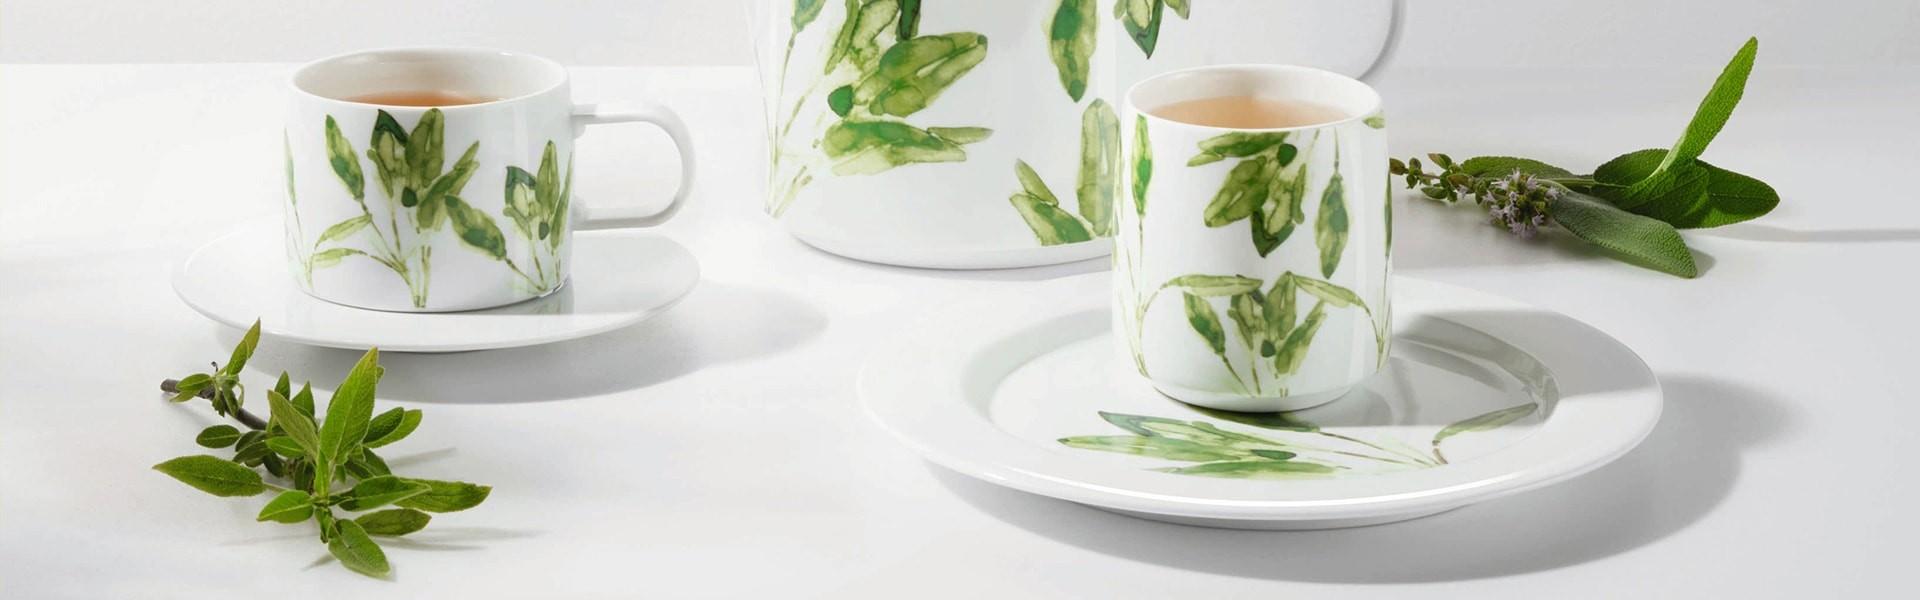 Coleção de chá Slvia